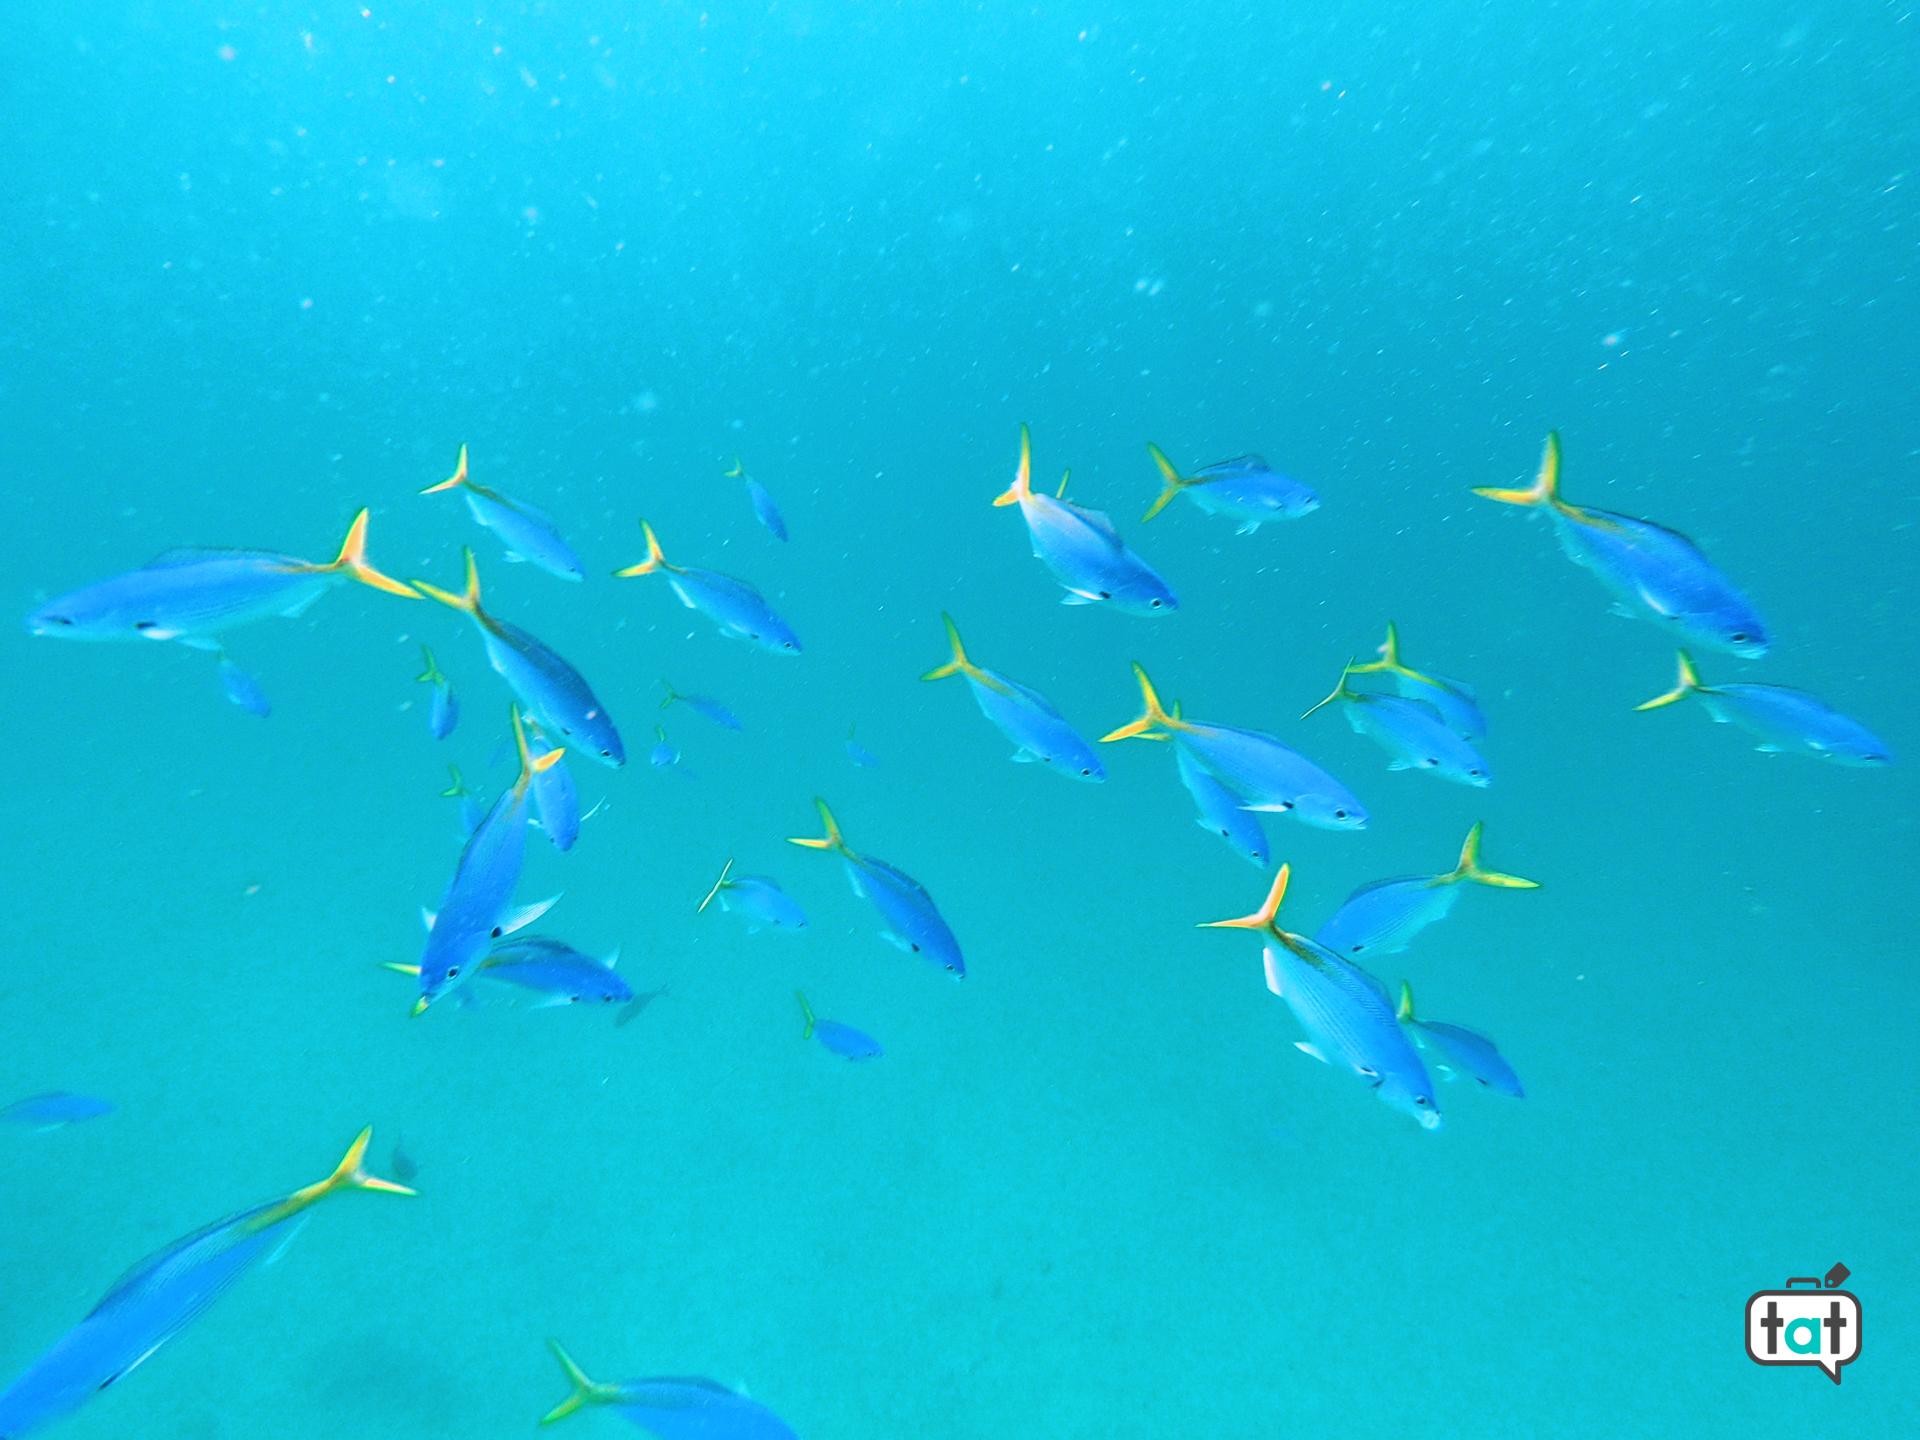 pesci maldive